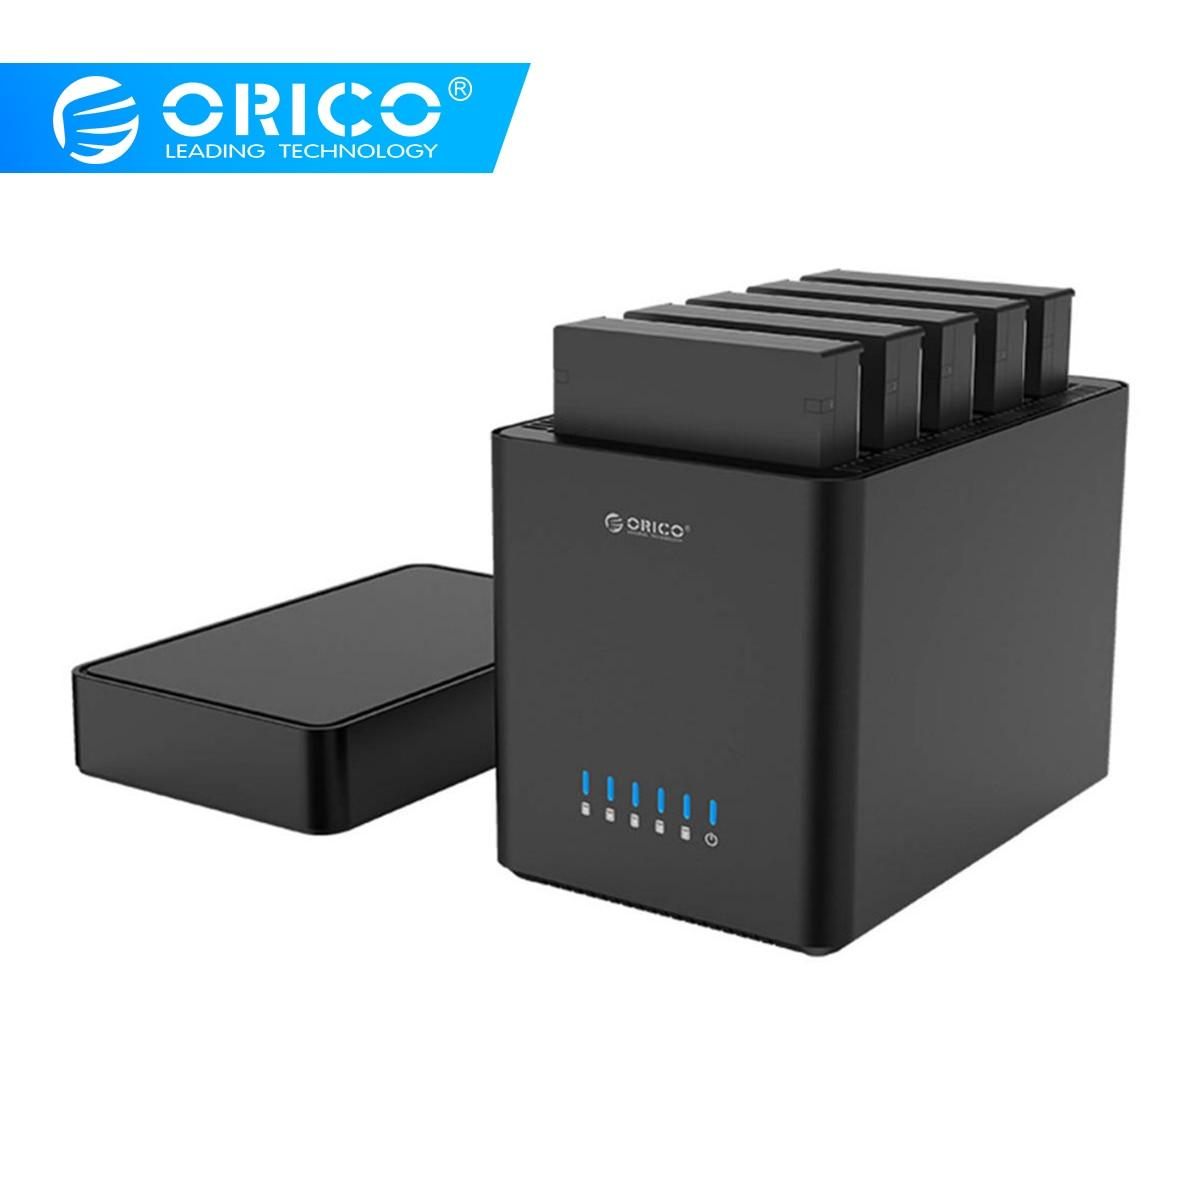 ORICO 5 Bay typu magnetycznego 3.5 cal obudowa dysku twardego USB3.0 do SATA3.0 3.5 w dysk twardy wsparcie UASP 12V6. 5A moc MAX 50 TB